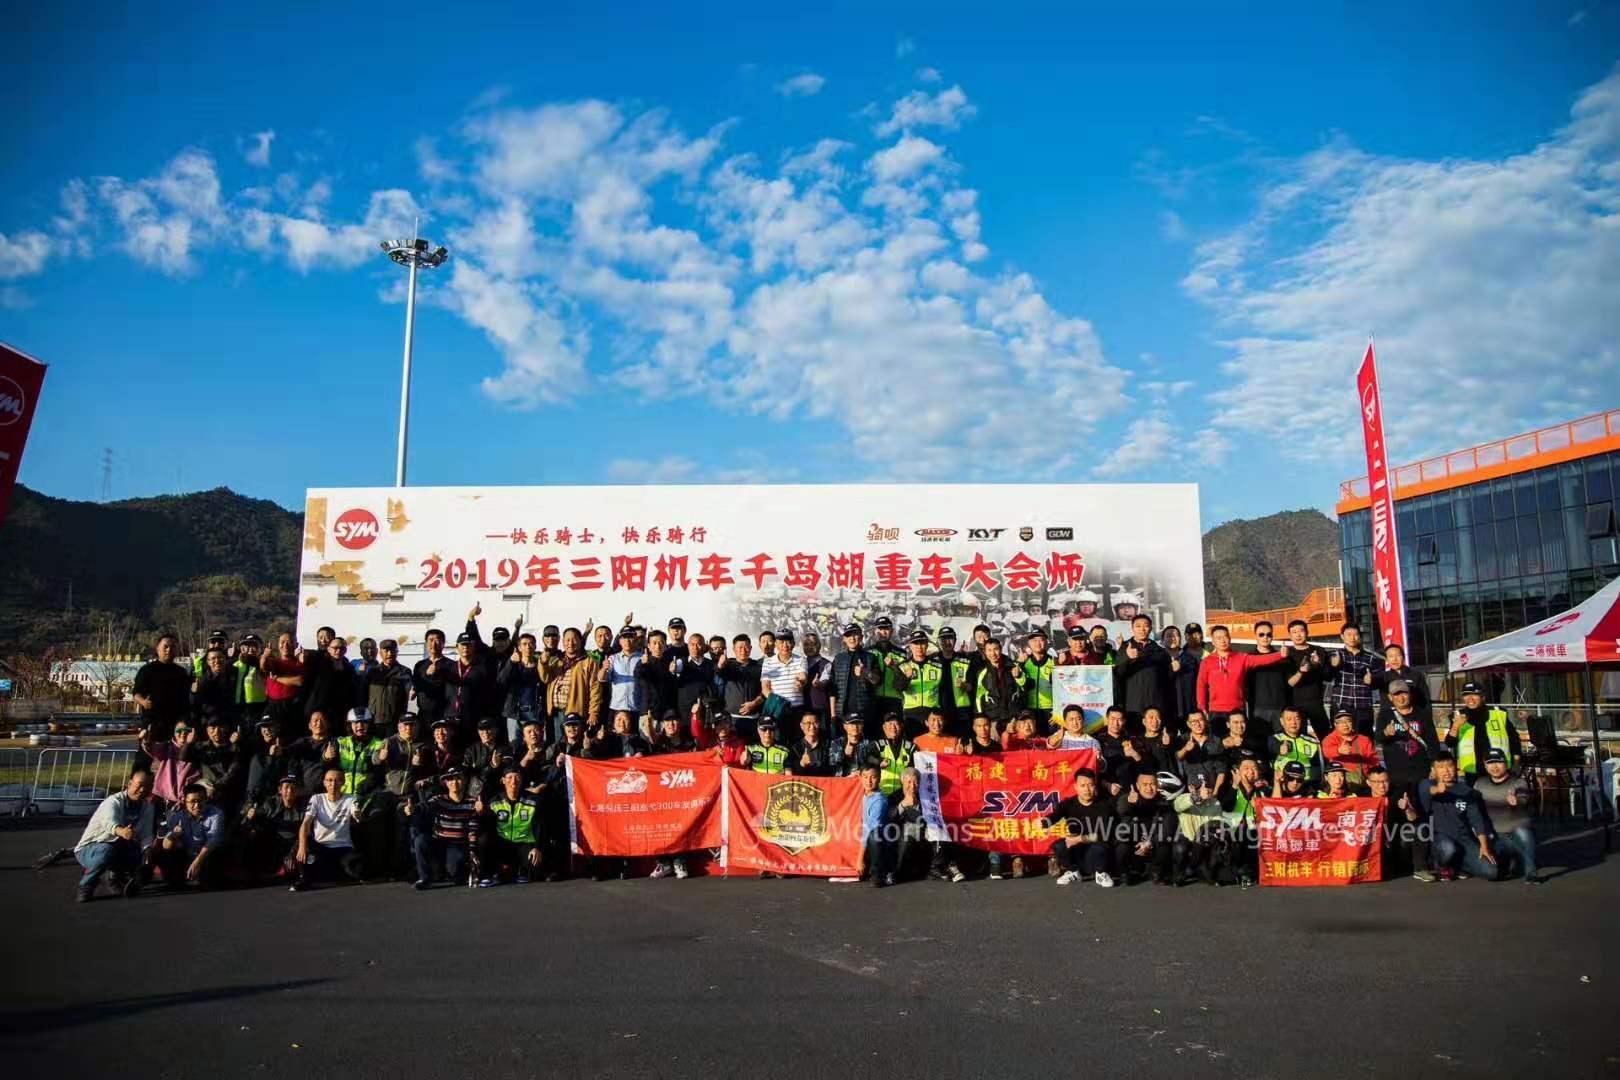 2019 SYM三陽機車千島湖重車大會師現場直擊